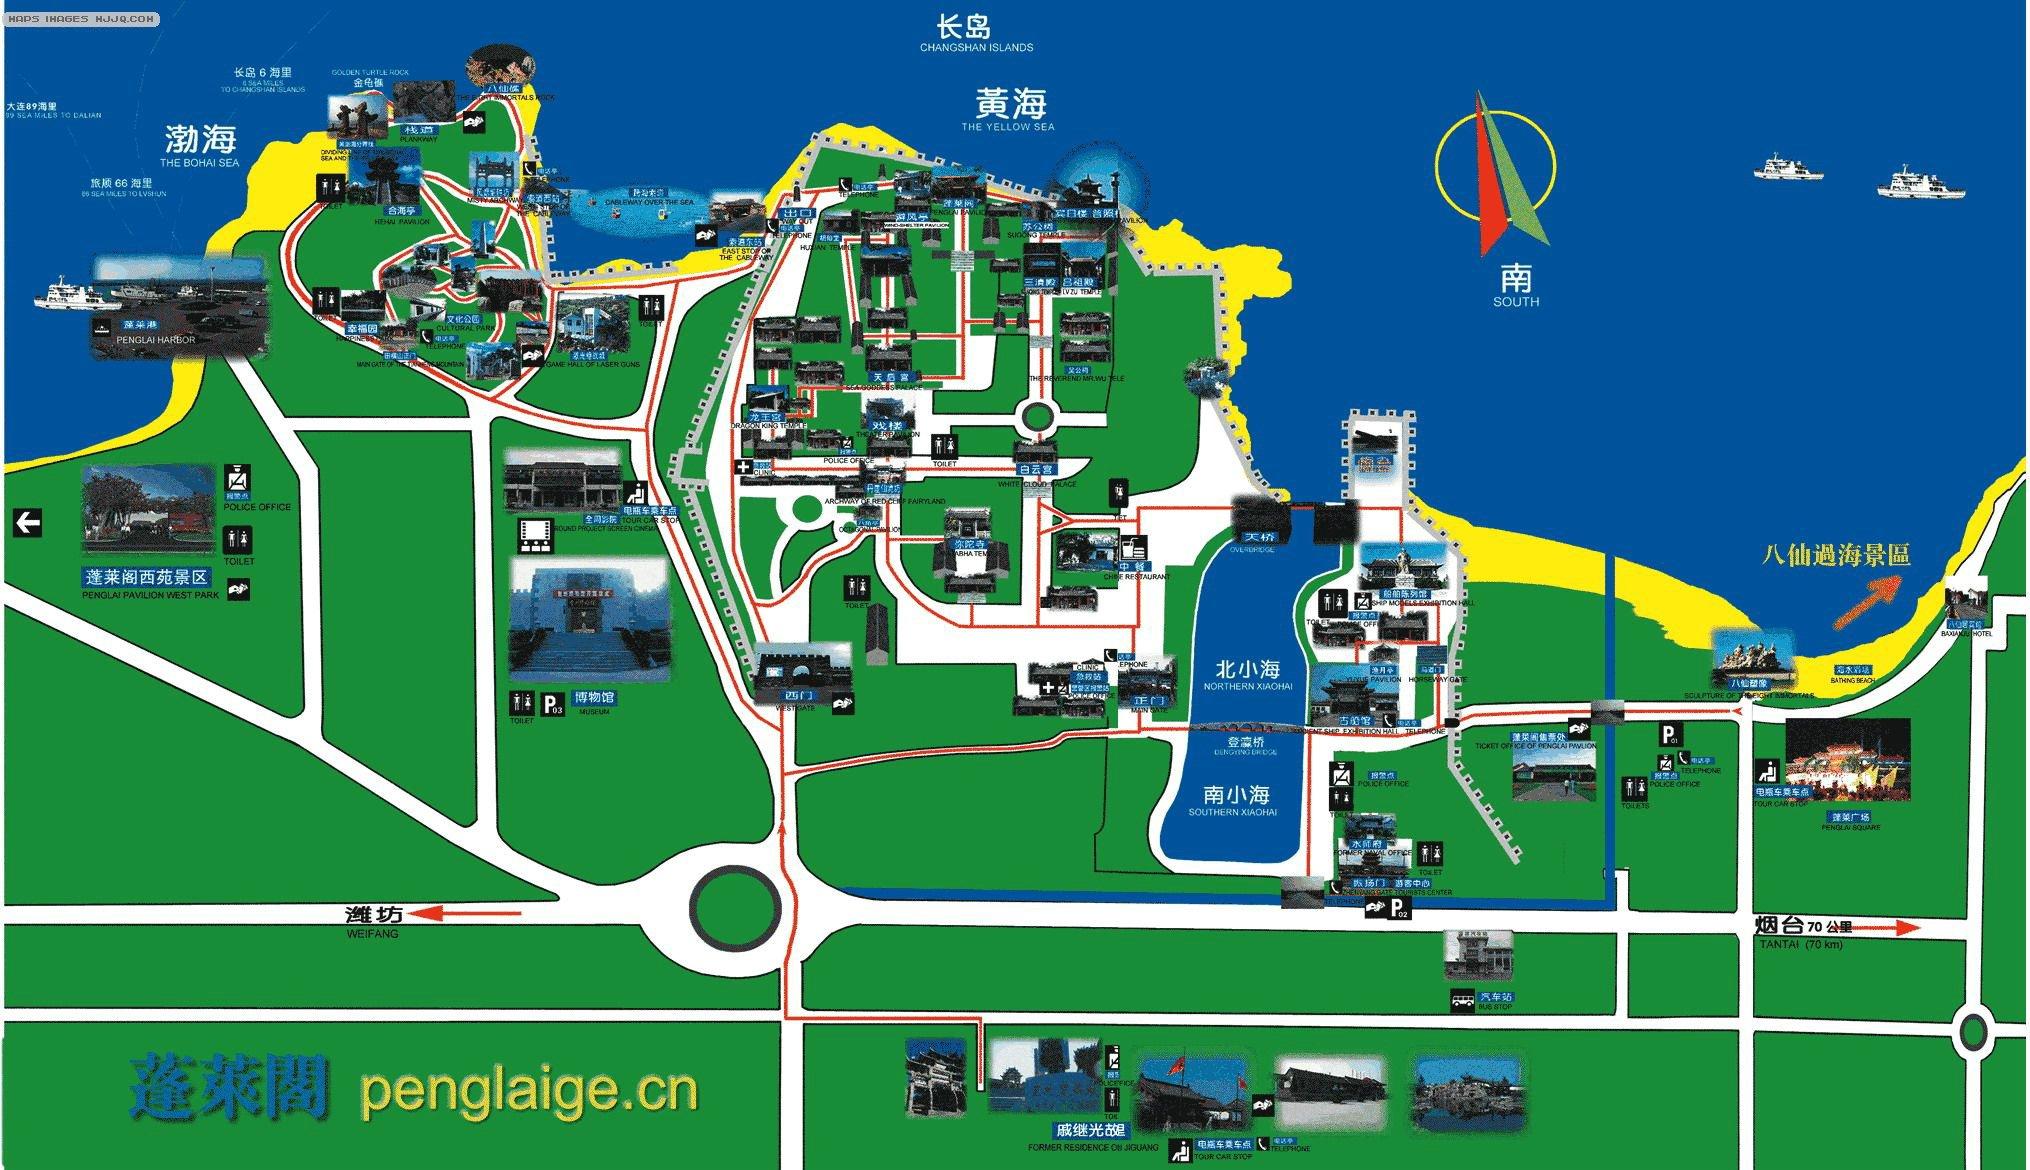 地图库 旅游地图 山东旅游 >> 蓬莱阁导游图  景点导航:世界旅游